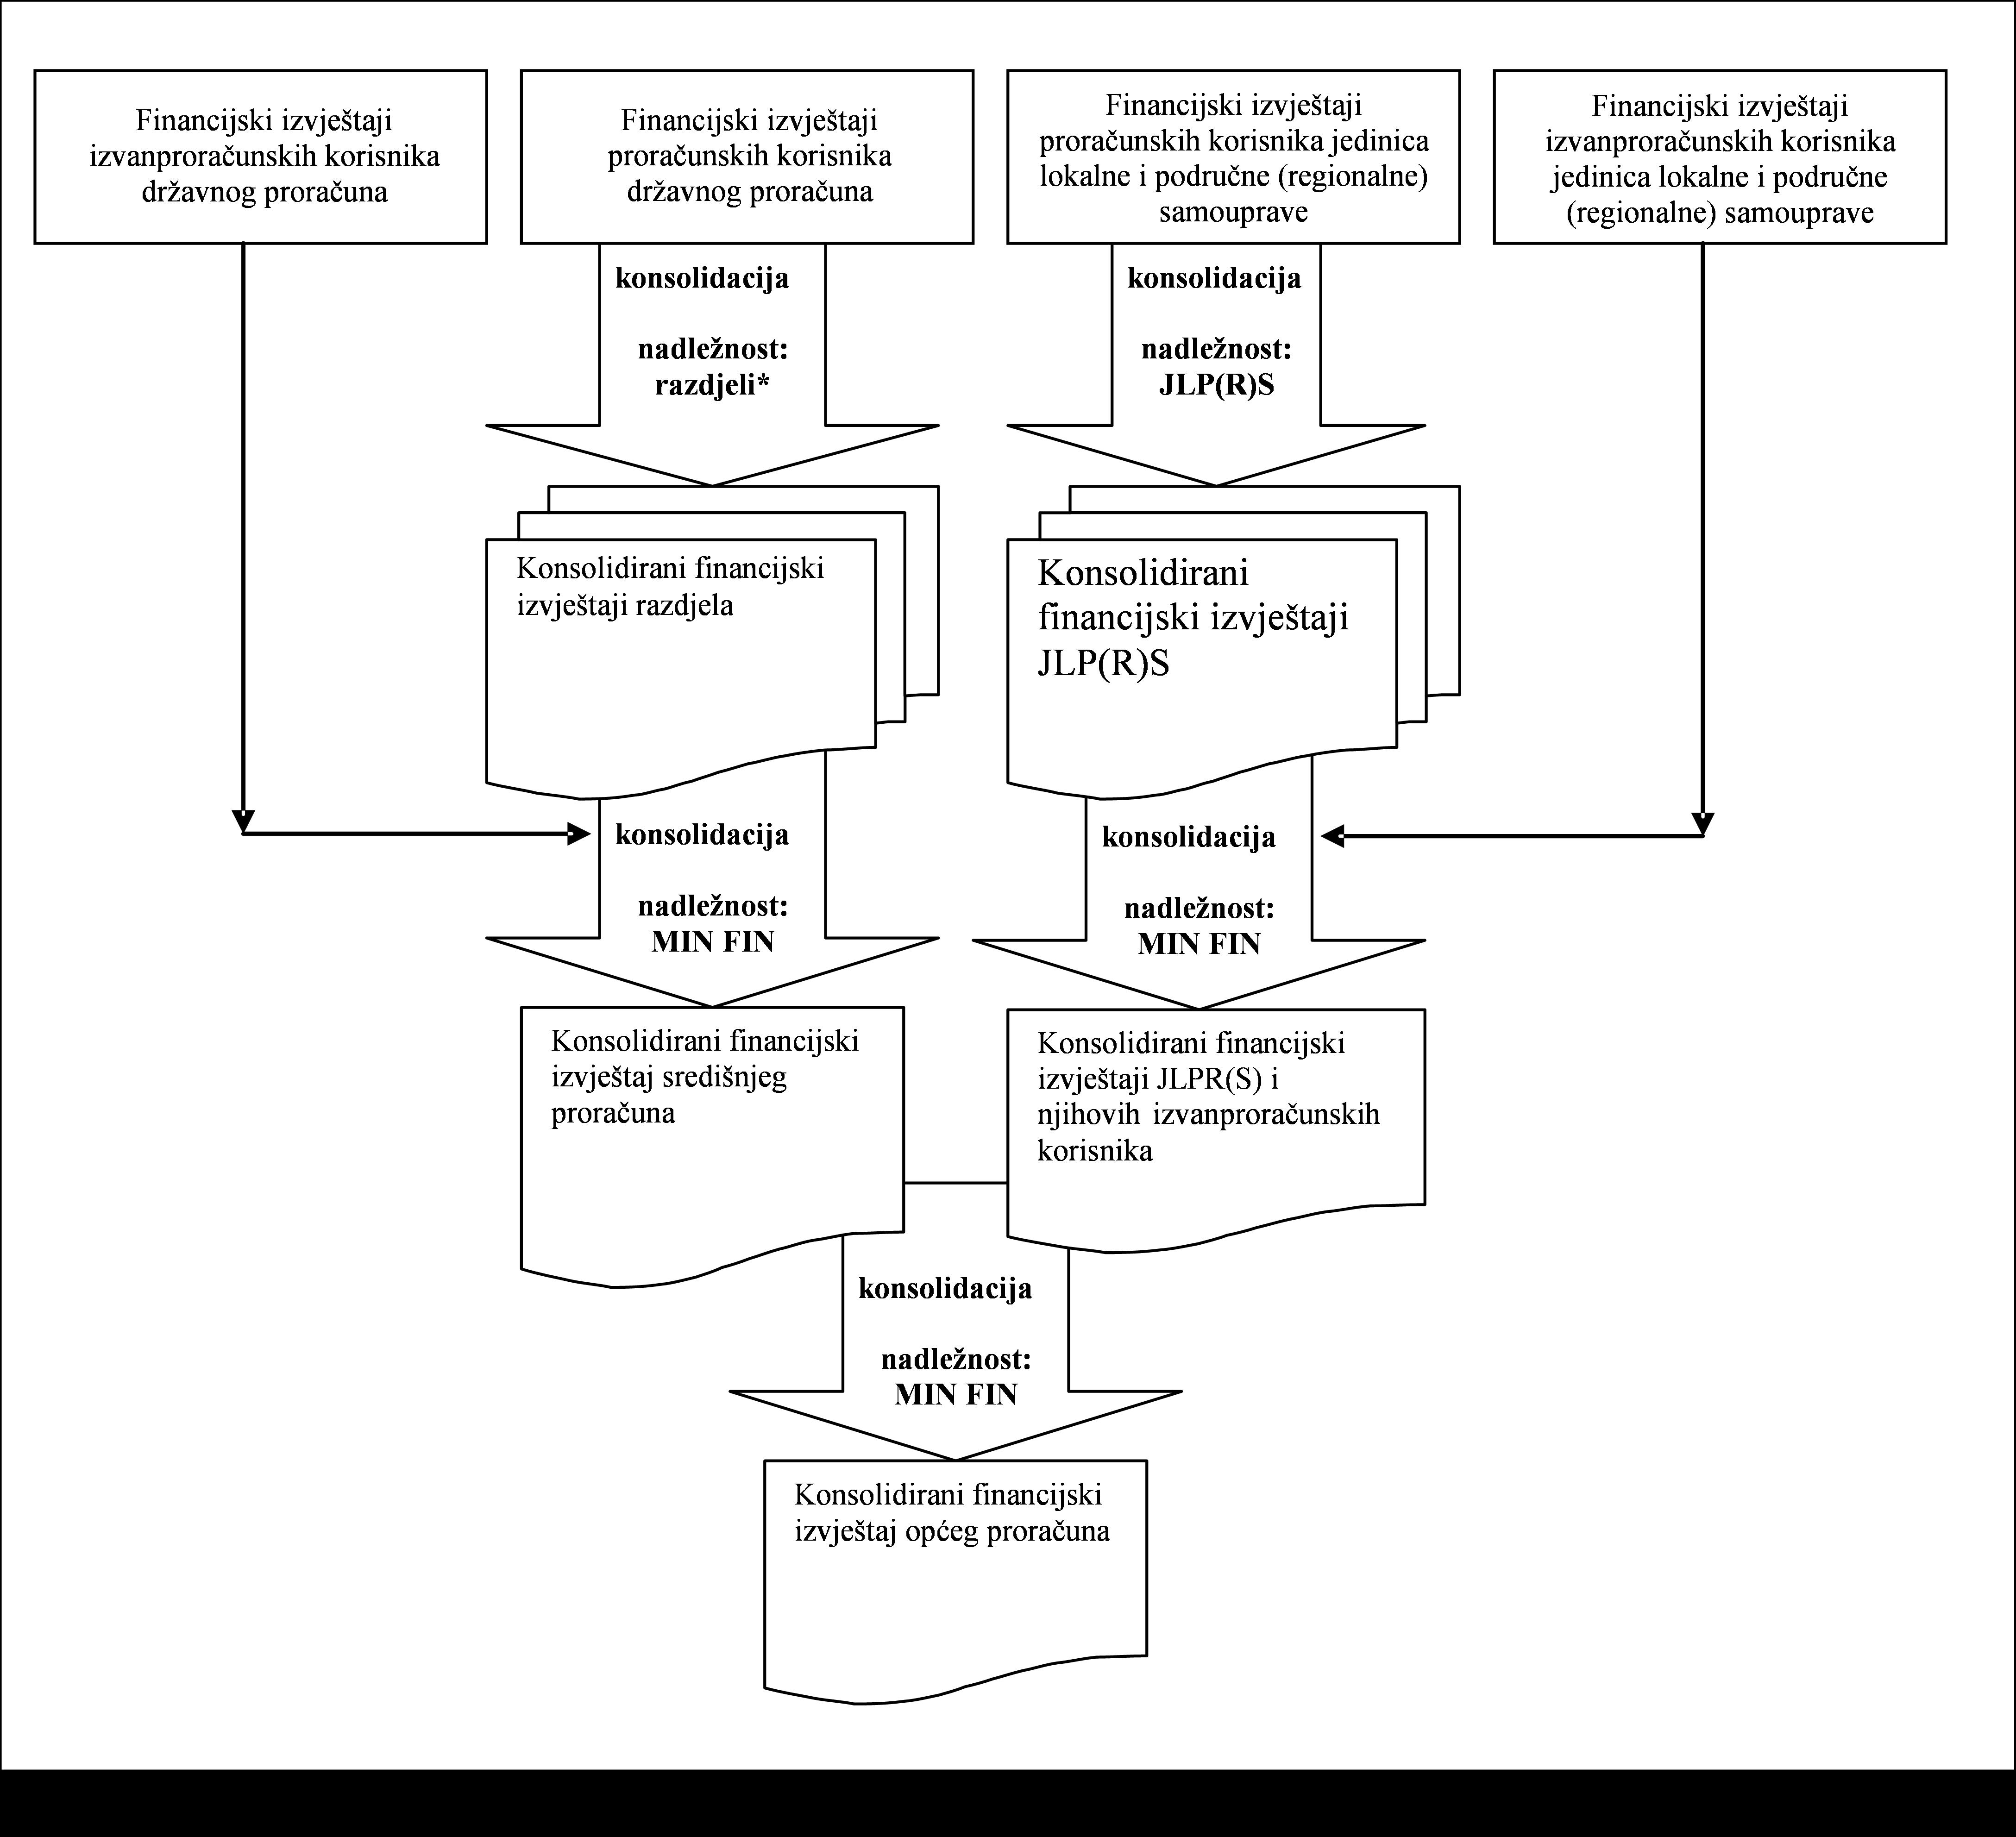 Slika 1 Proces konsolidacije financijskih izvještaja